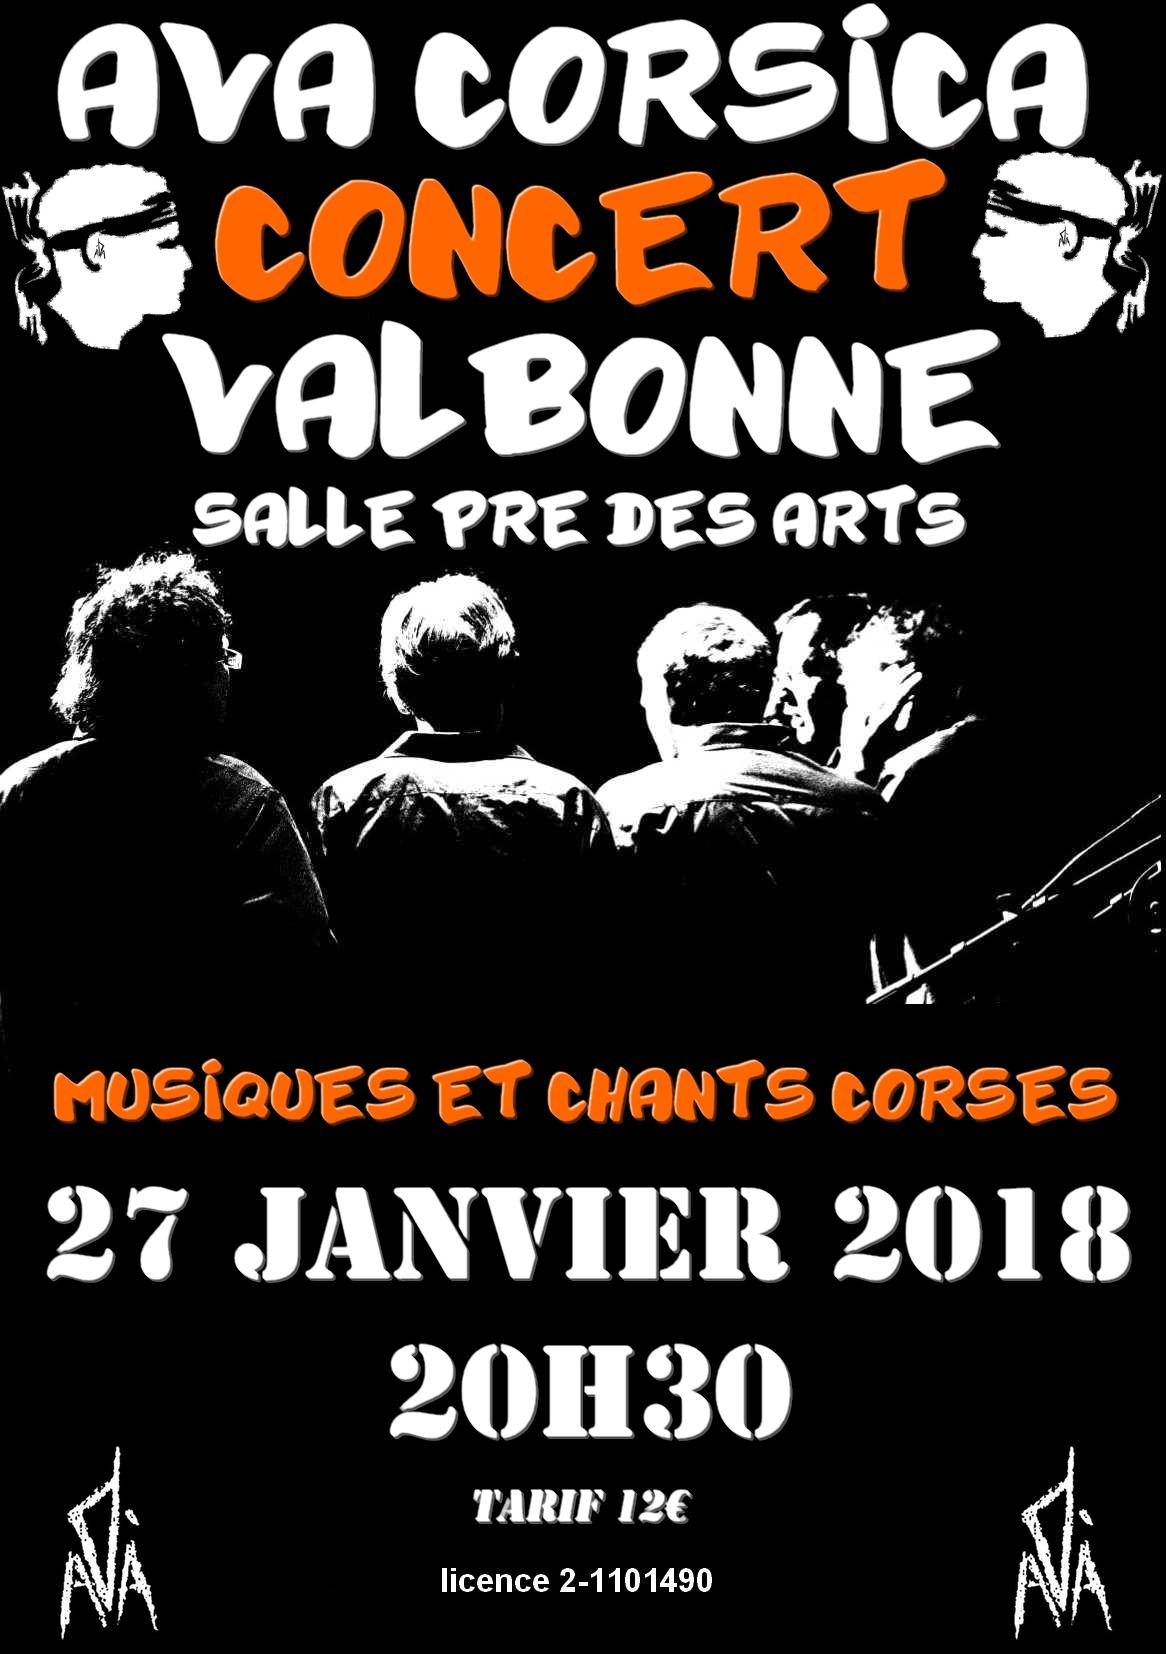 concert de musiques et chants corses  Actualité Valbonne